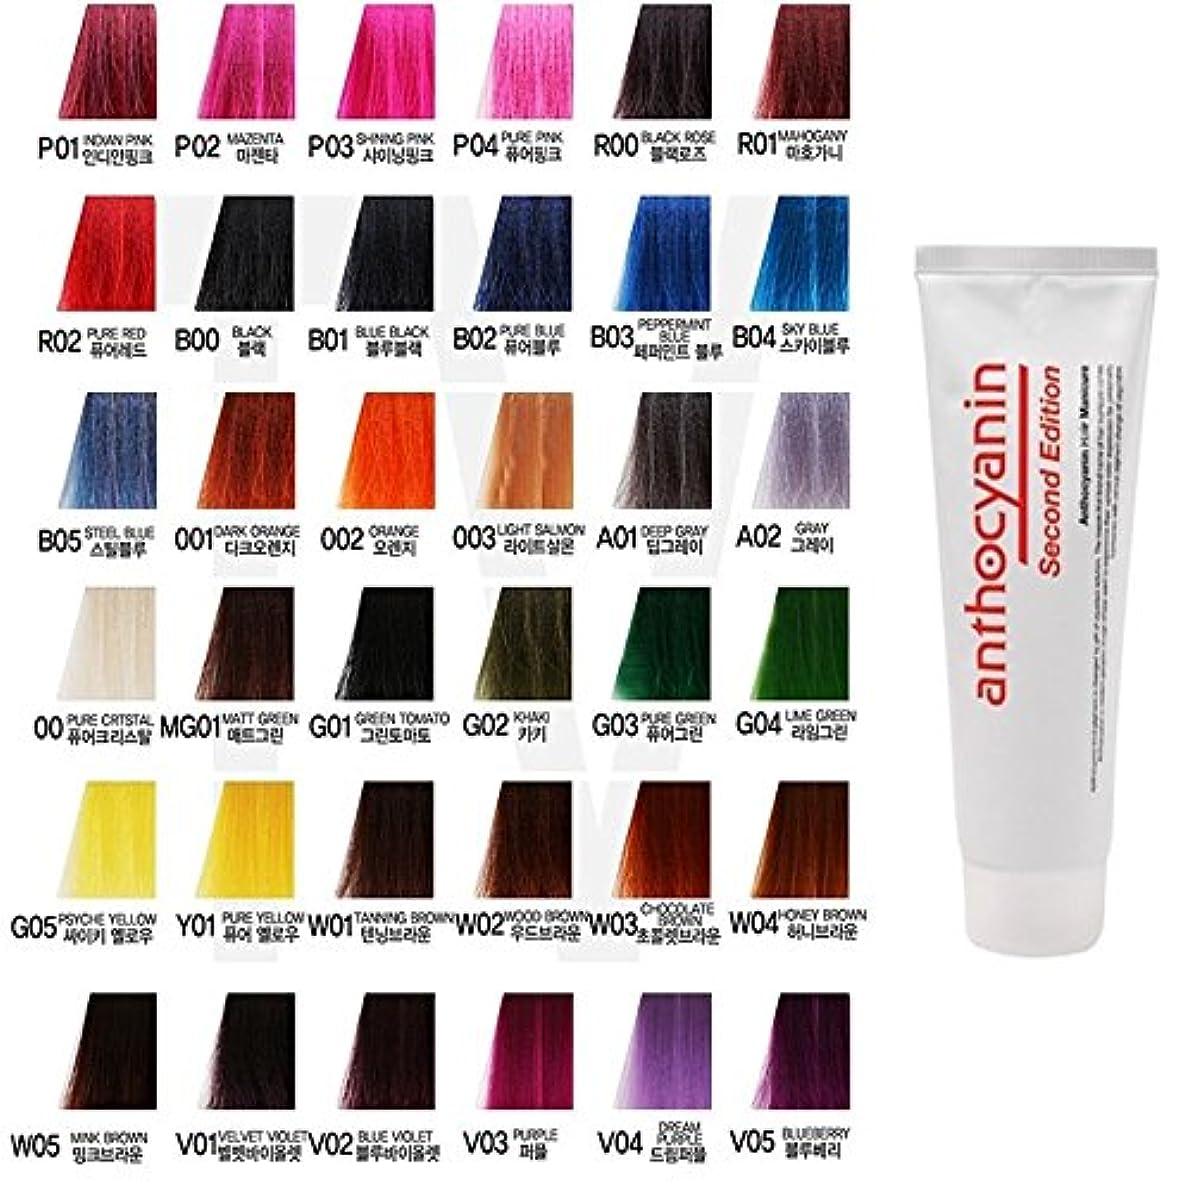 摘むつまらない膨らみヘア マニキュア カラー セカンド エディション 230g セミ パーマネント 染毛剤 ( Hair Manicure Color Second Edition 230g Semi Permanent Hair Dye) [並行輸入品] (O12 Coral Orange)